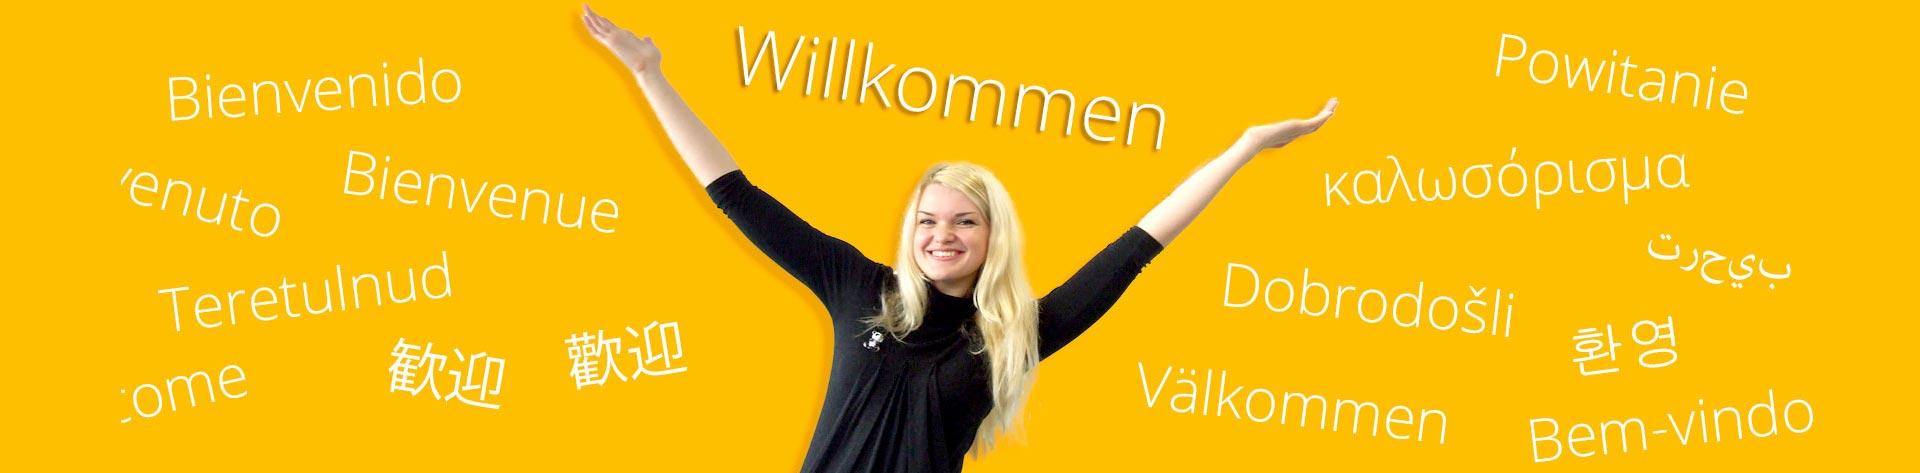 Učenje nemačkog jezika u Nirnbergu